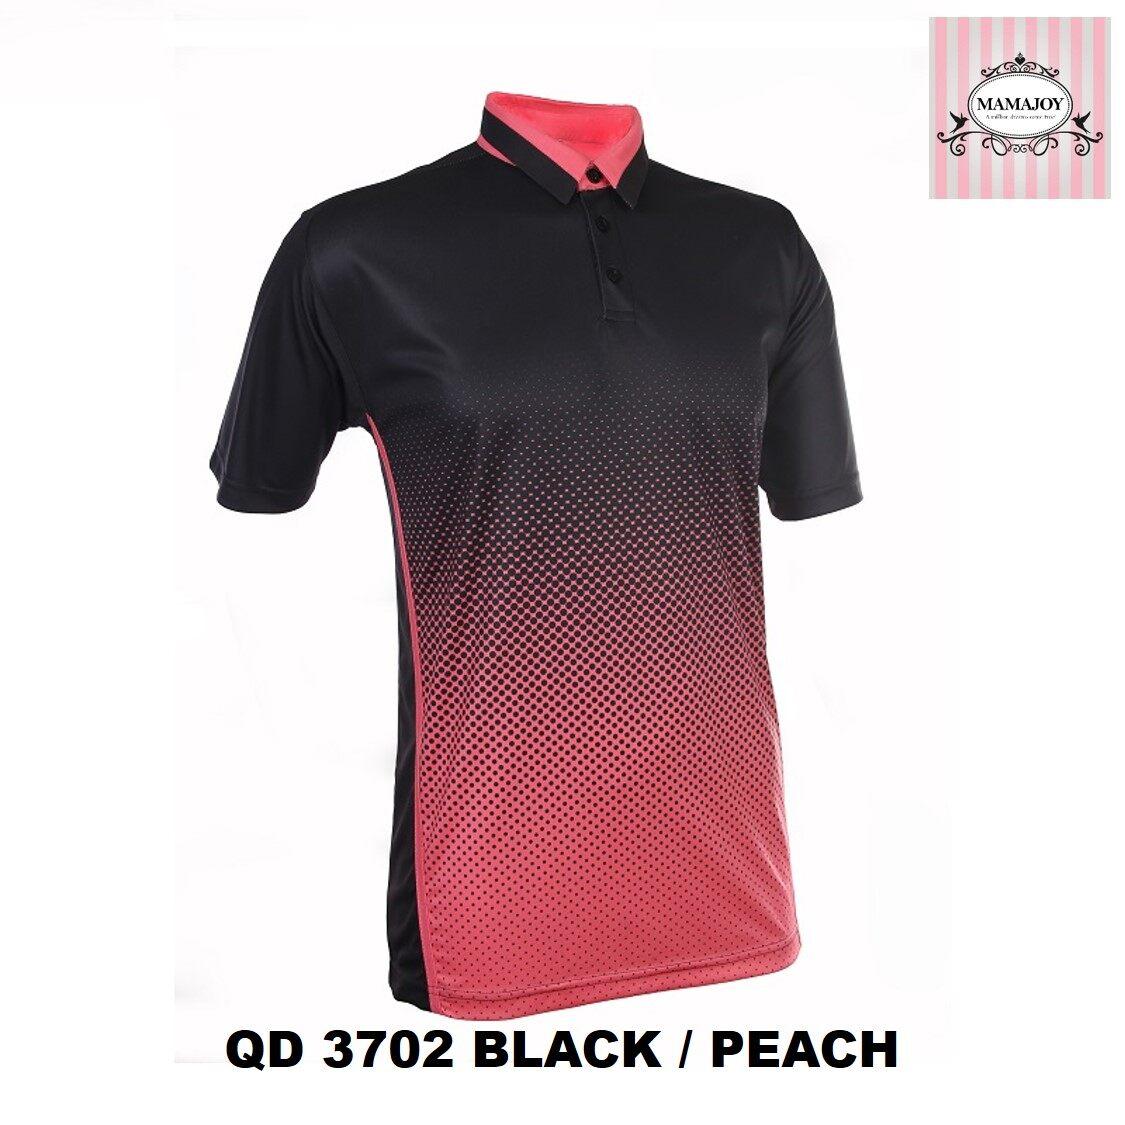 5f14ce8957 #Outdoor #Indoor #Casual #Smart #Oren #OrenSport #Unisex #Plain #Men #Women  #Sport #Uniform #QuickDry #DryFit #Coolfit #QuickDry #Microfiber #Tshirt ...